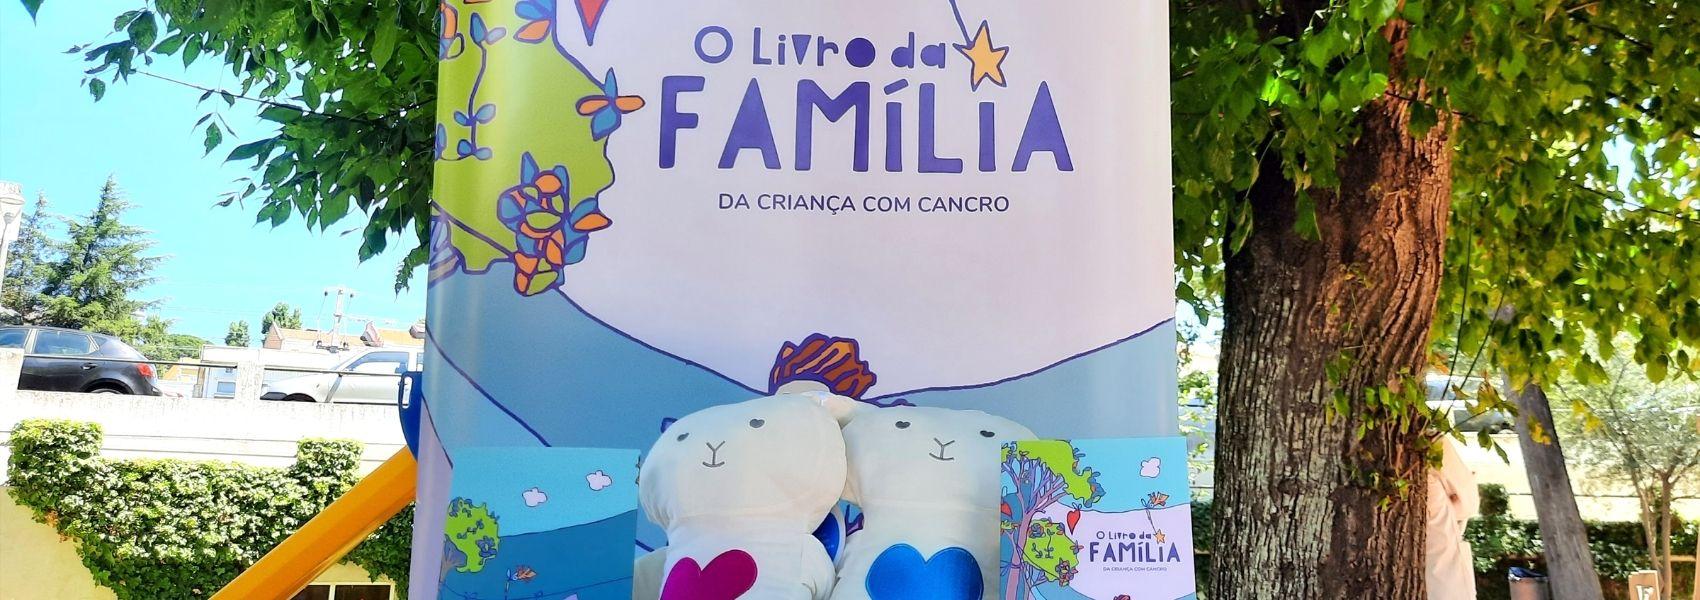 Livro da Família da Criança com Cancro